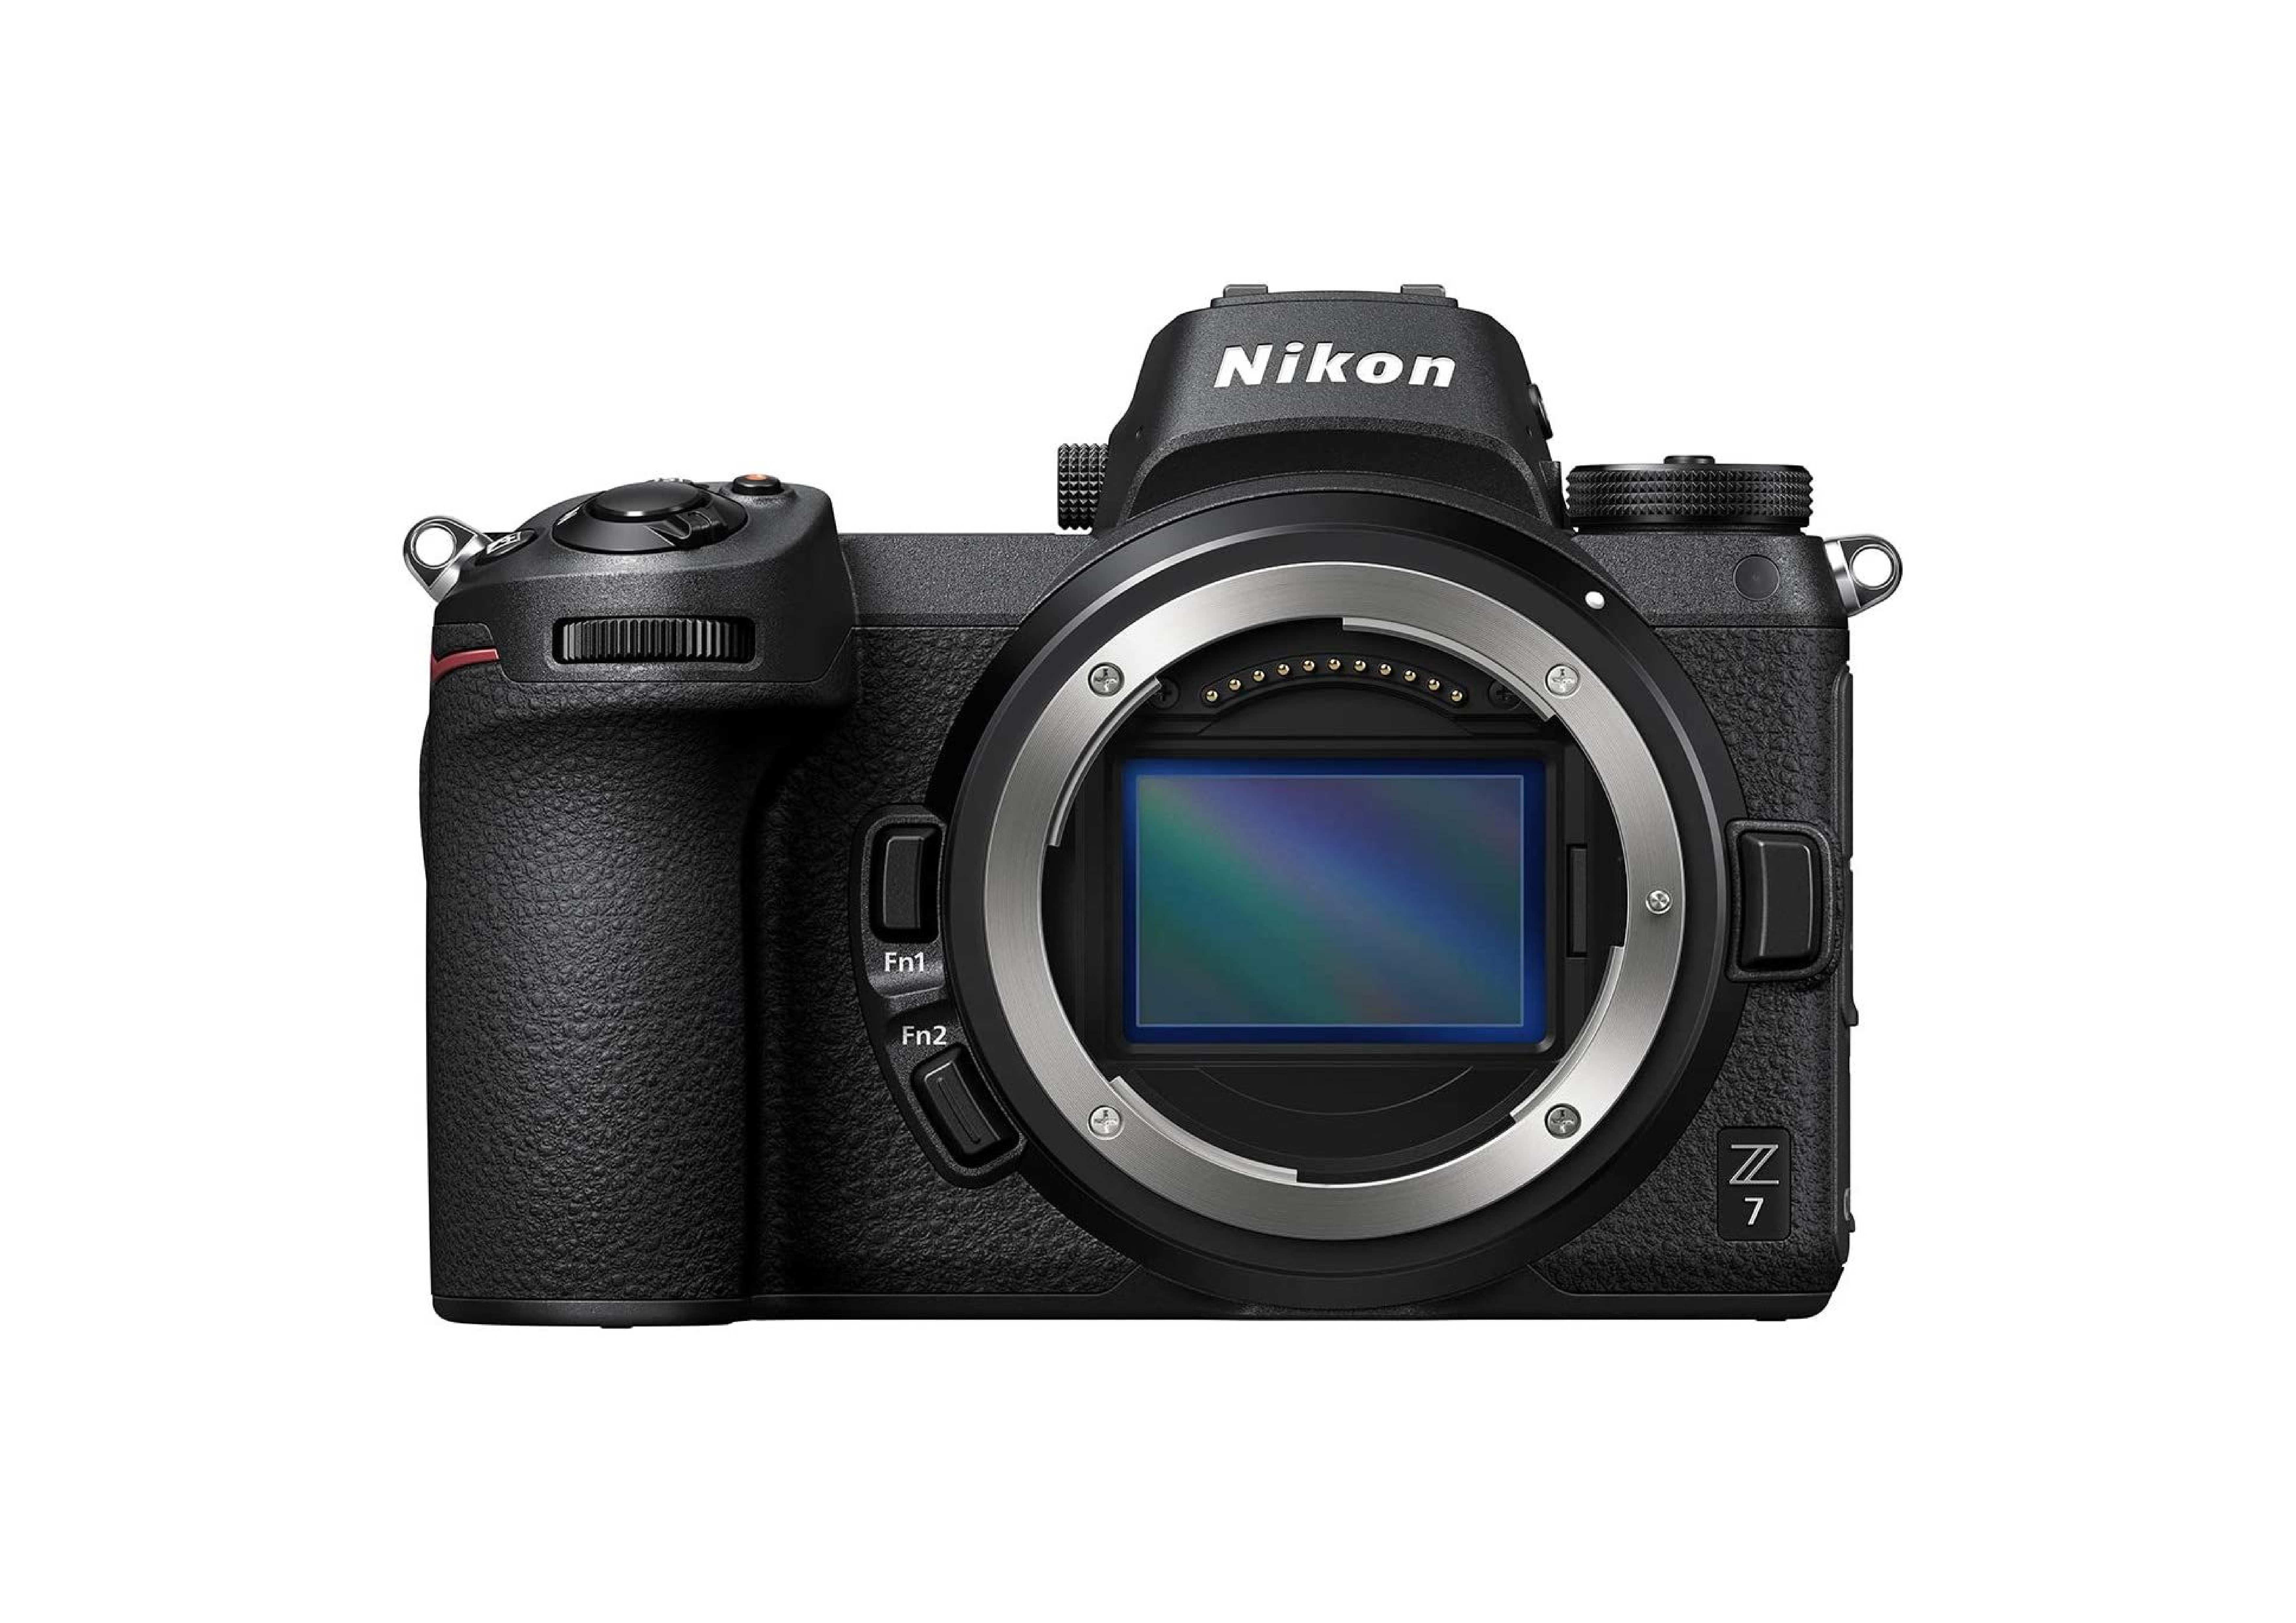 物撮り用カメラ①Nikon ミラーレスカメラ 一眼 Z7 ボディ